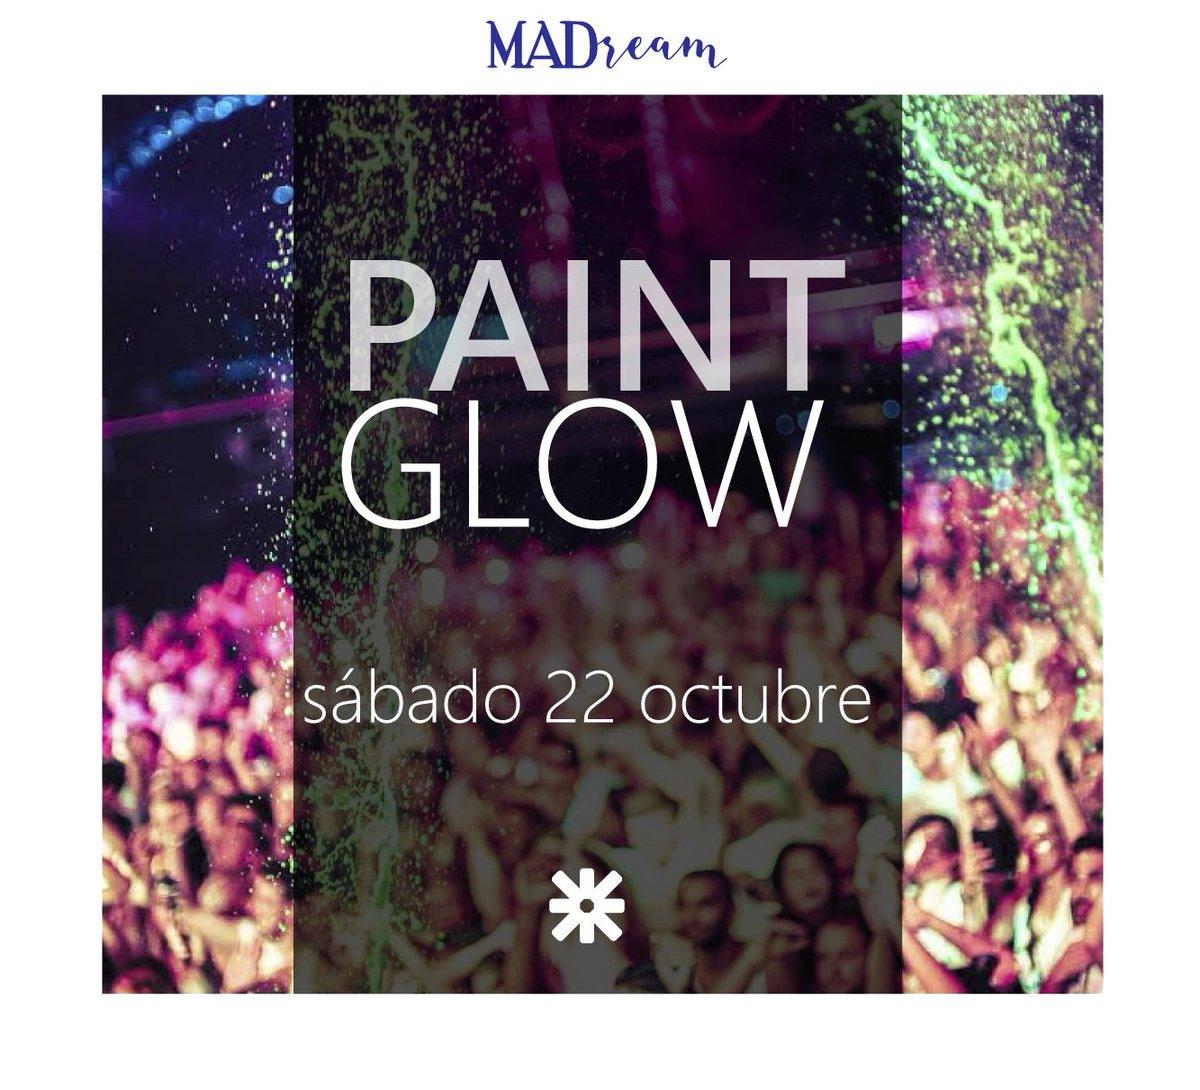 paint-glow Paul van Dyk envuelto en una Paint Glow